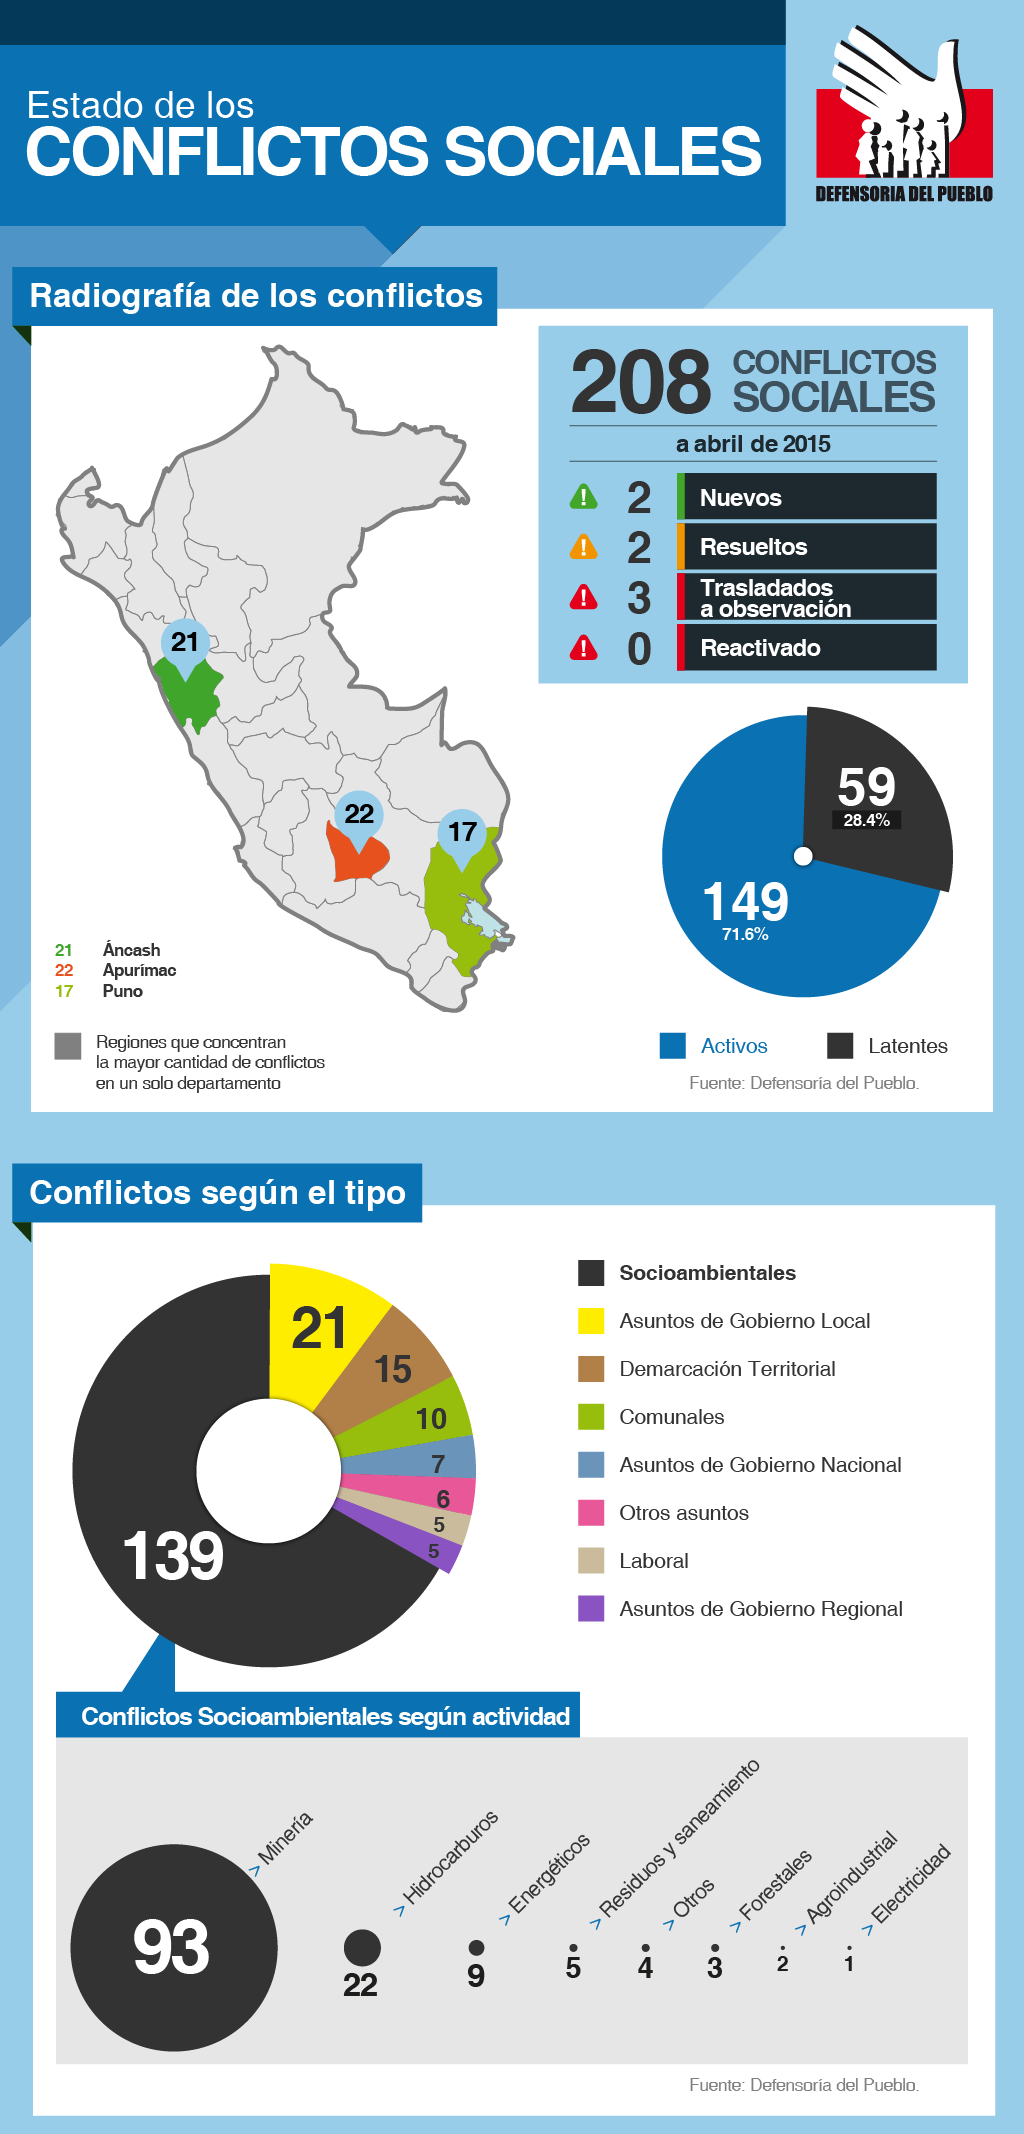 La Defensoría del Pueblo registró 208 conflictos sociales en abril